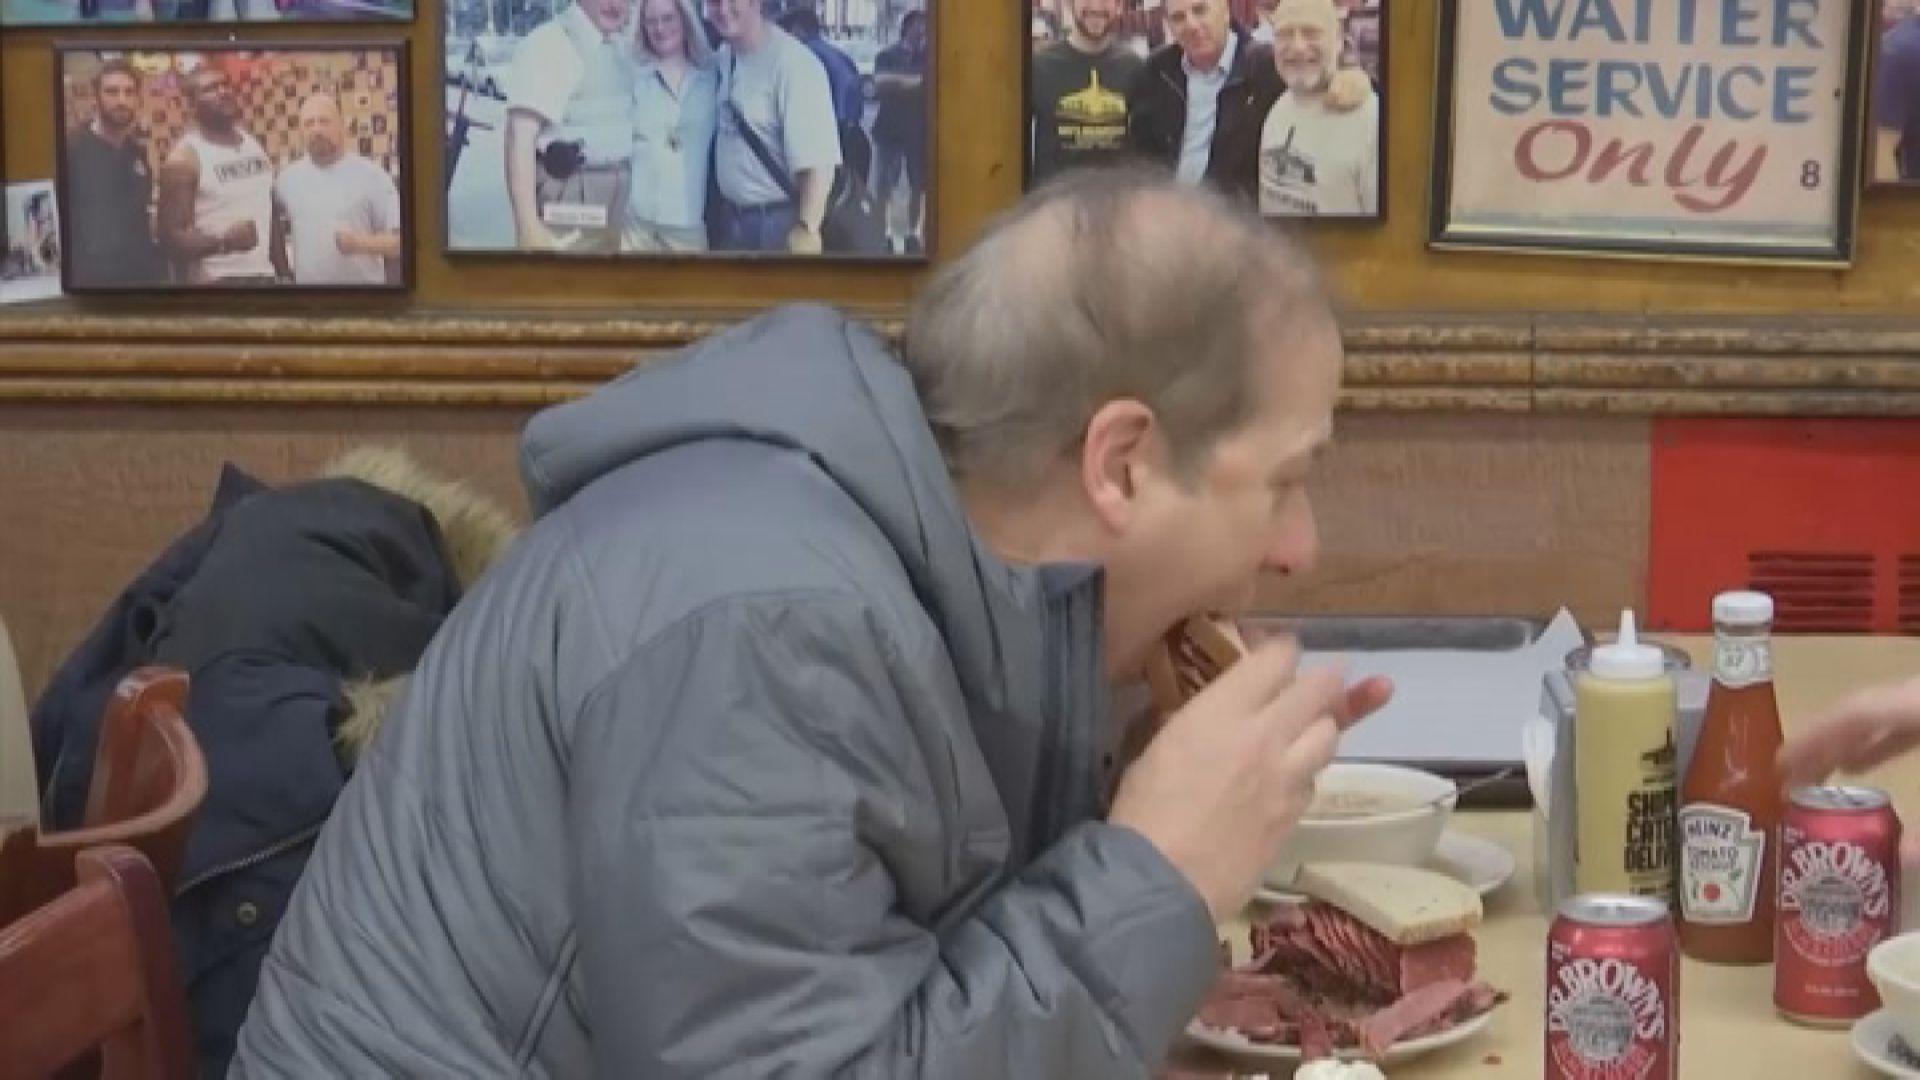 【環球薈報】美國約一成一民眾食物過敏